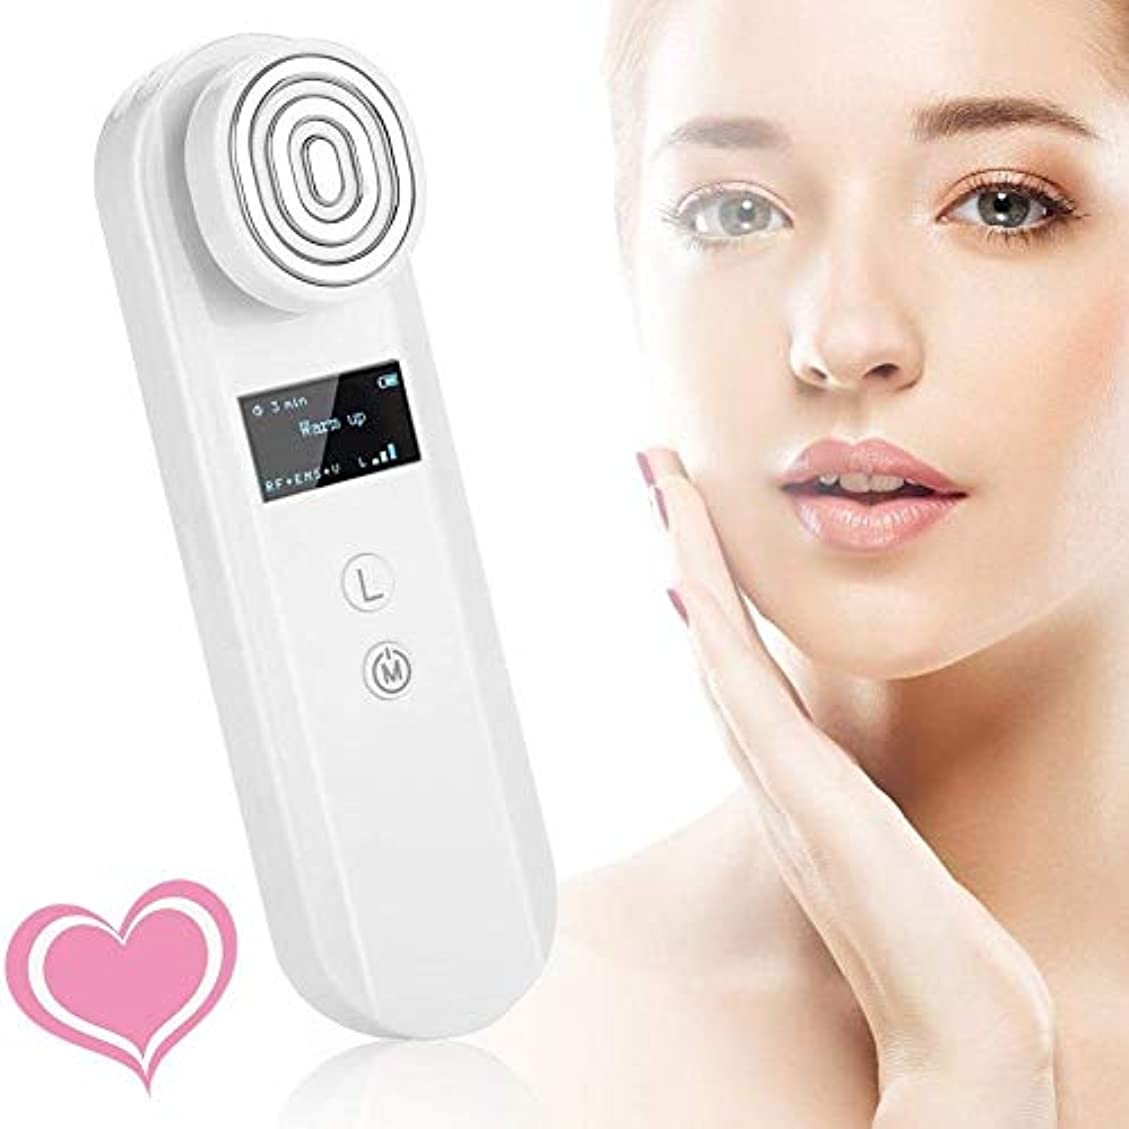 横ぴかぴかメカニックソニックフェイシャルマッサージ装置のRF理学療法顔美容機器、美容機器しわ除去アンチエイジング、肌のマッサージツール、リフトと企業肌を引き締めEMSスキン、ホーム&ビューティーサロンポータブル